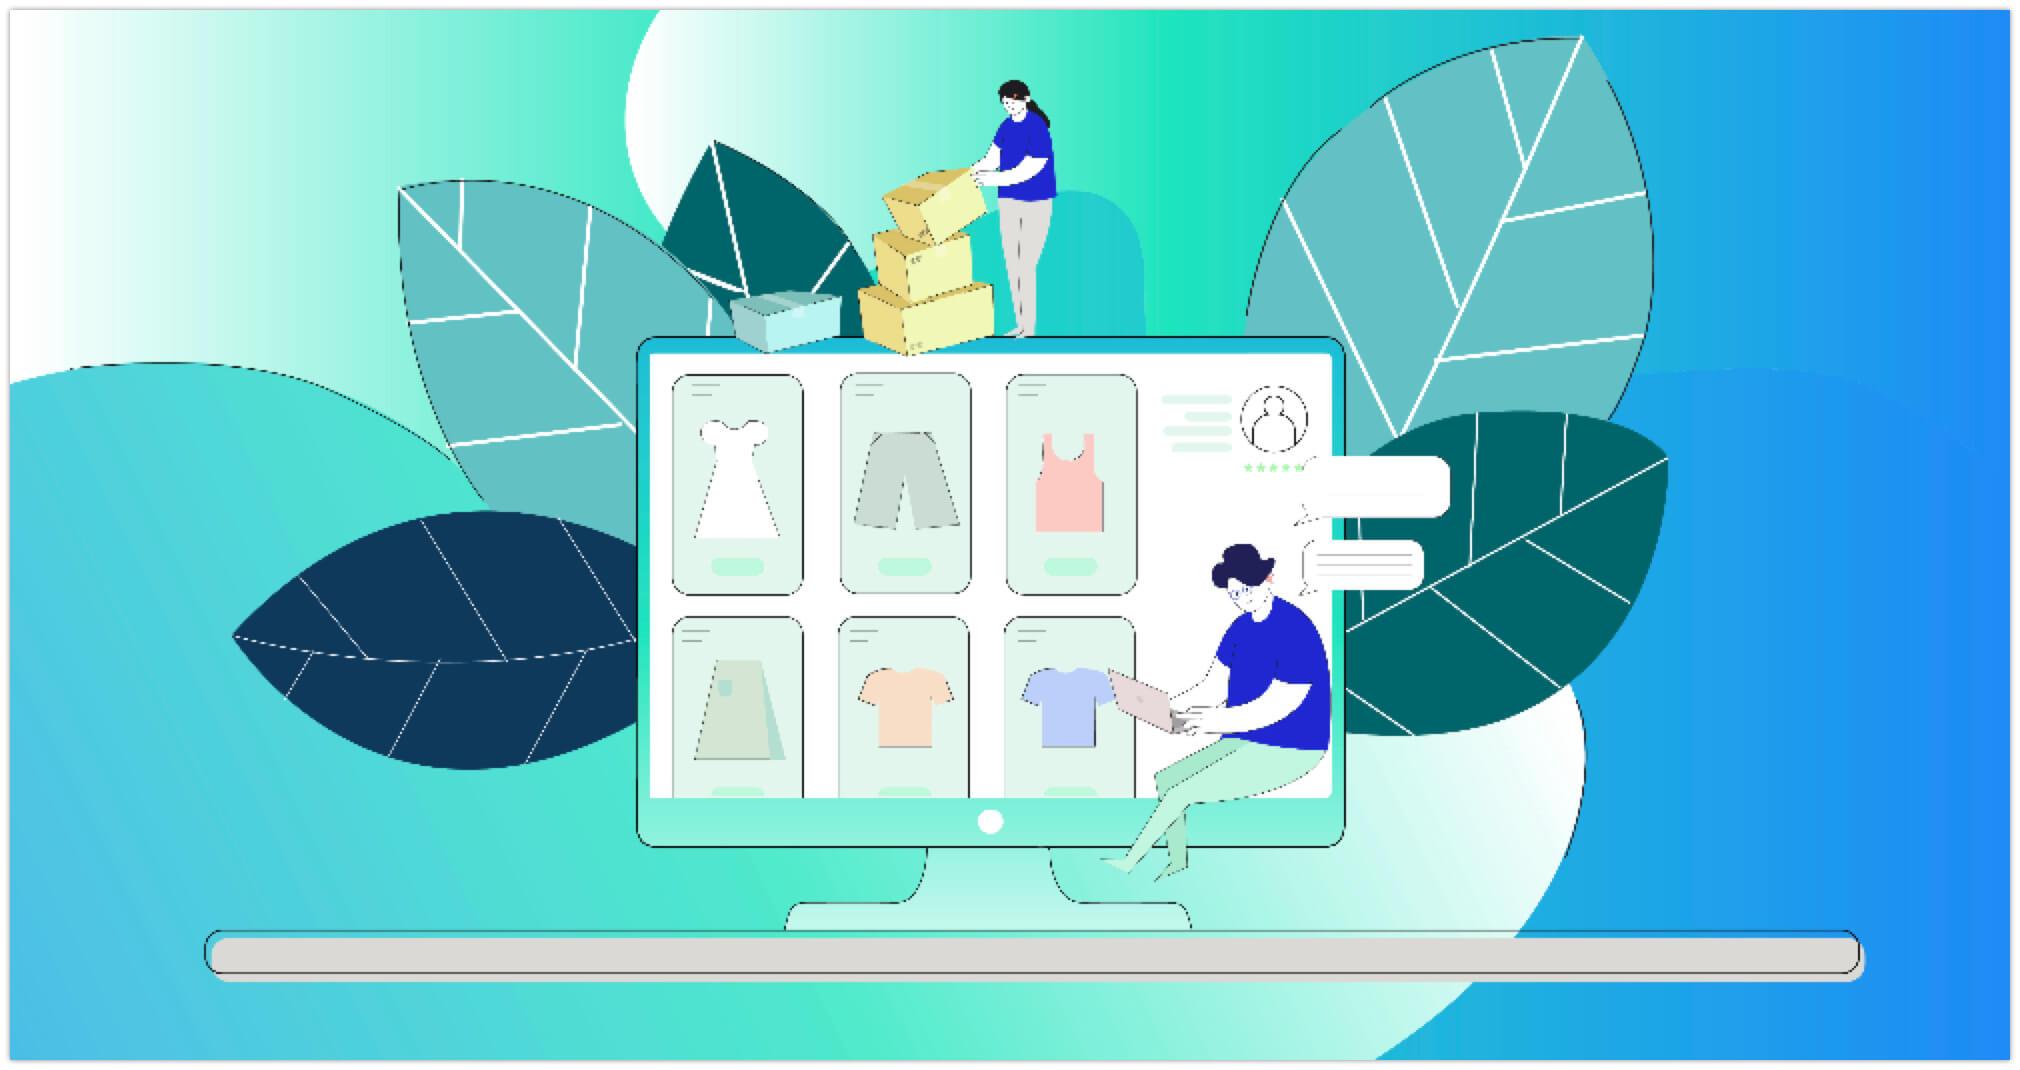 ban hang online kc - Cách marketing bán hàng online giúp thu hàng trăm triệu đồng mỗi tháng